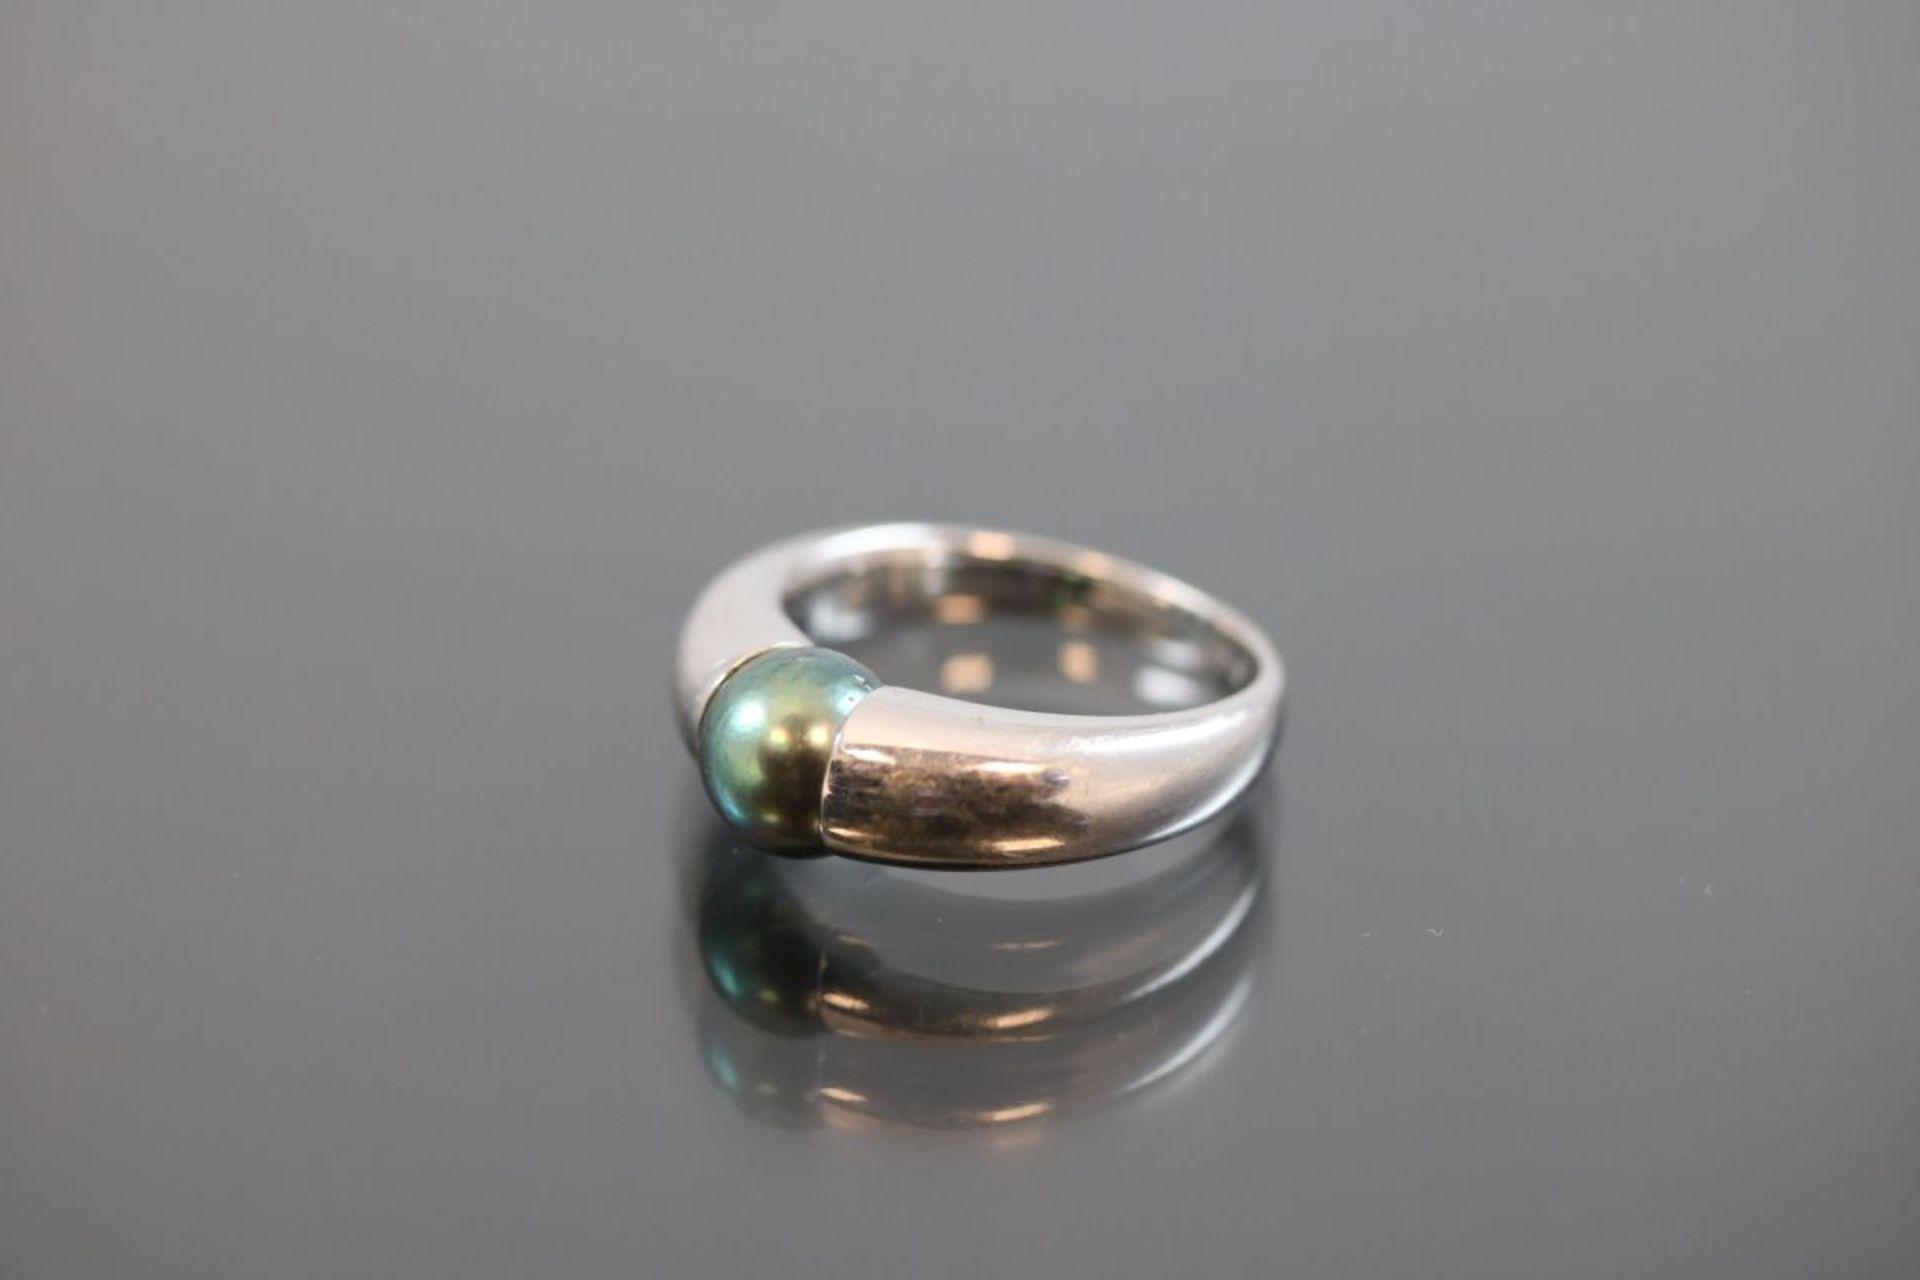 Tahiti-Perlen-Ring, 750 Weißgold7,1 Gramm 1 Tahitiperle, Ringgröße: 51Schätzpreis: 1600,- - Bild 2 aus 3